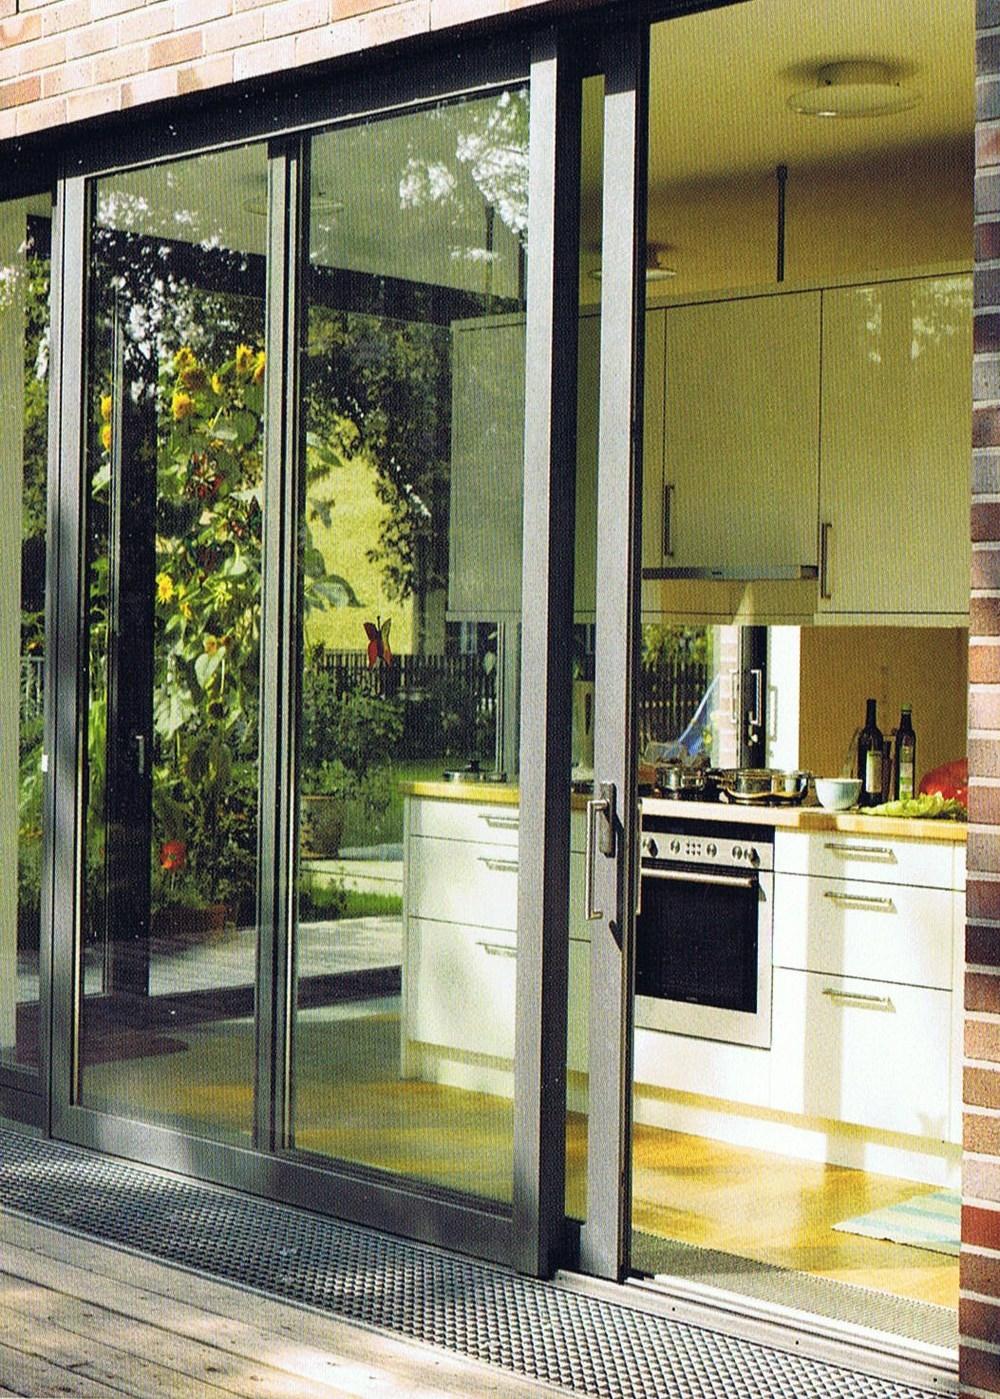 Door Handles For Aluminium Sliding Doorsdoors merstham glass ltd